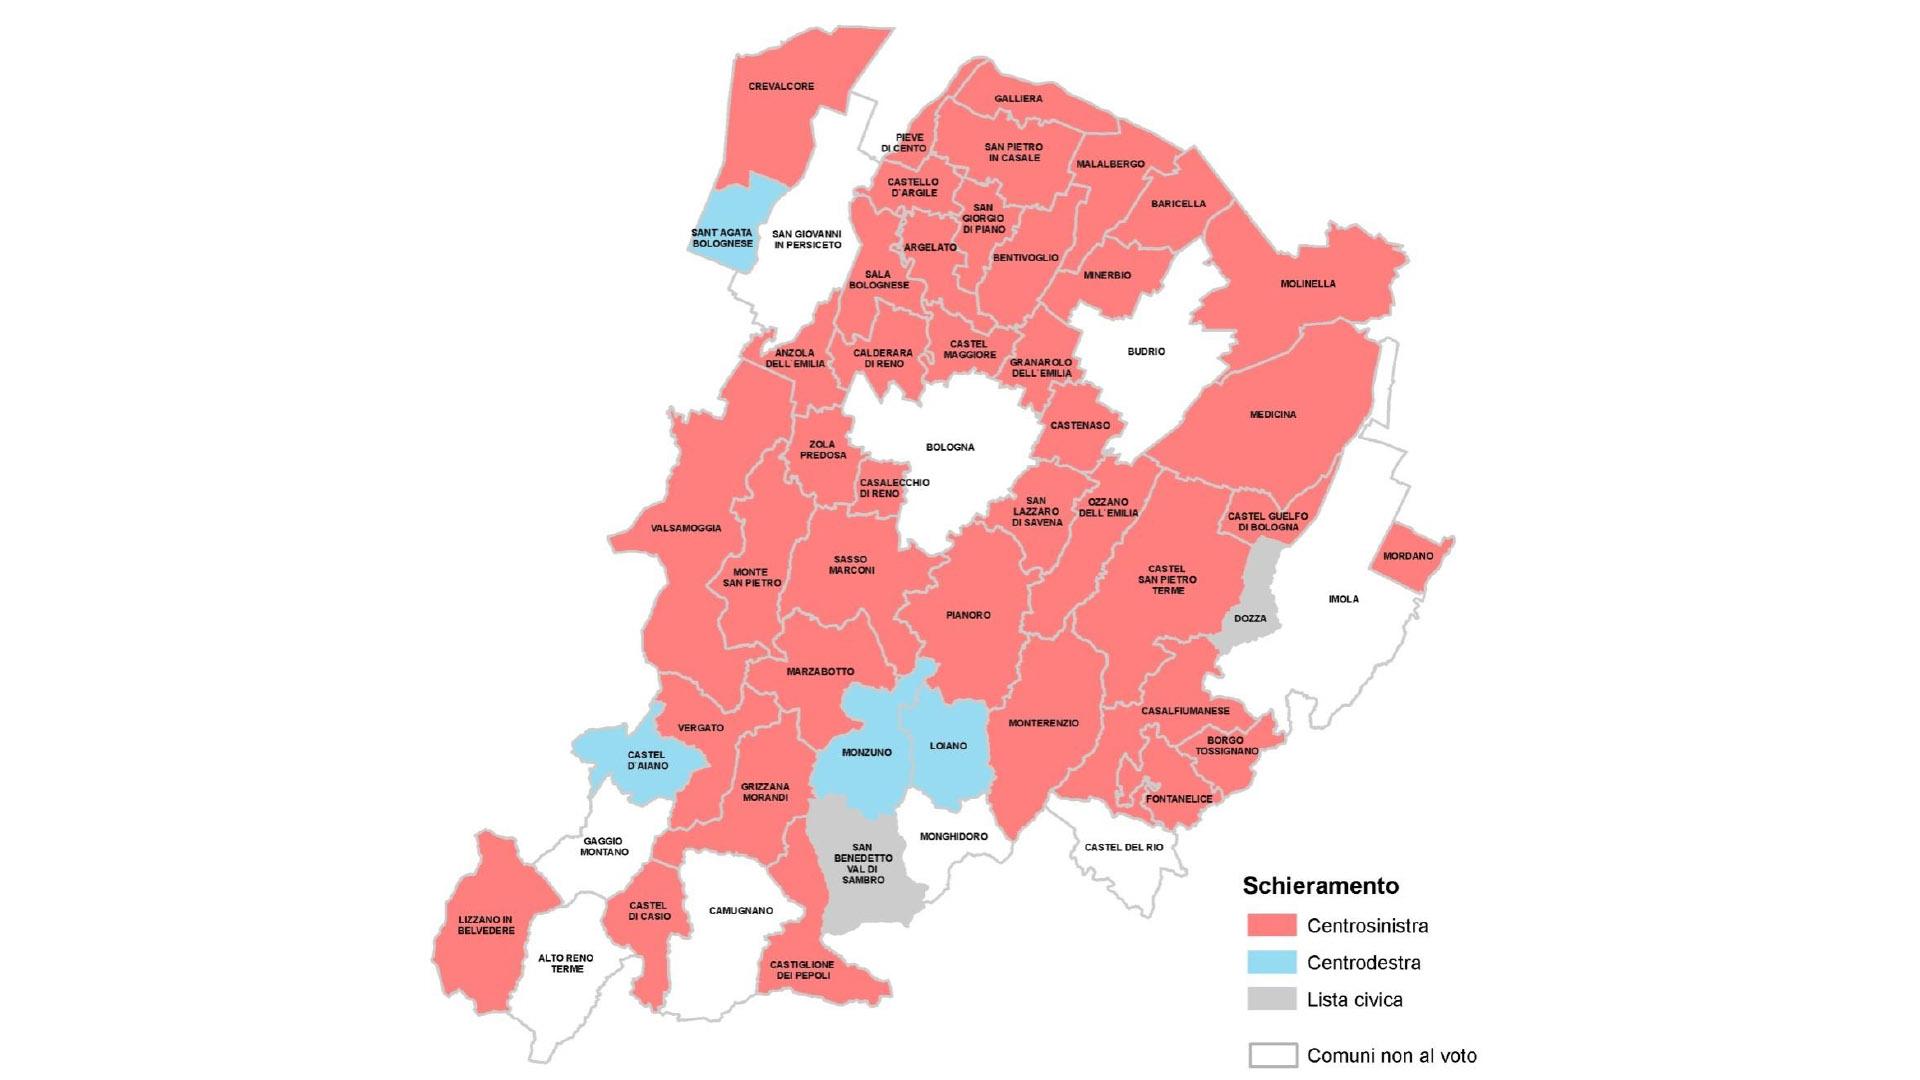 Colorazione politica delle amministrazioni comunali che andranno al voto nel 2019